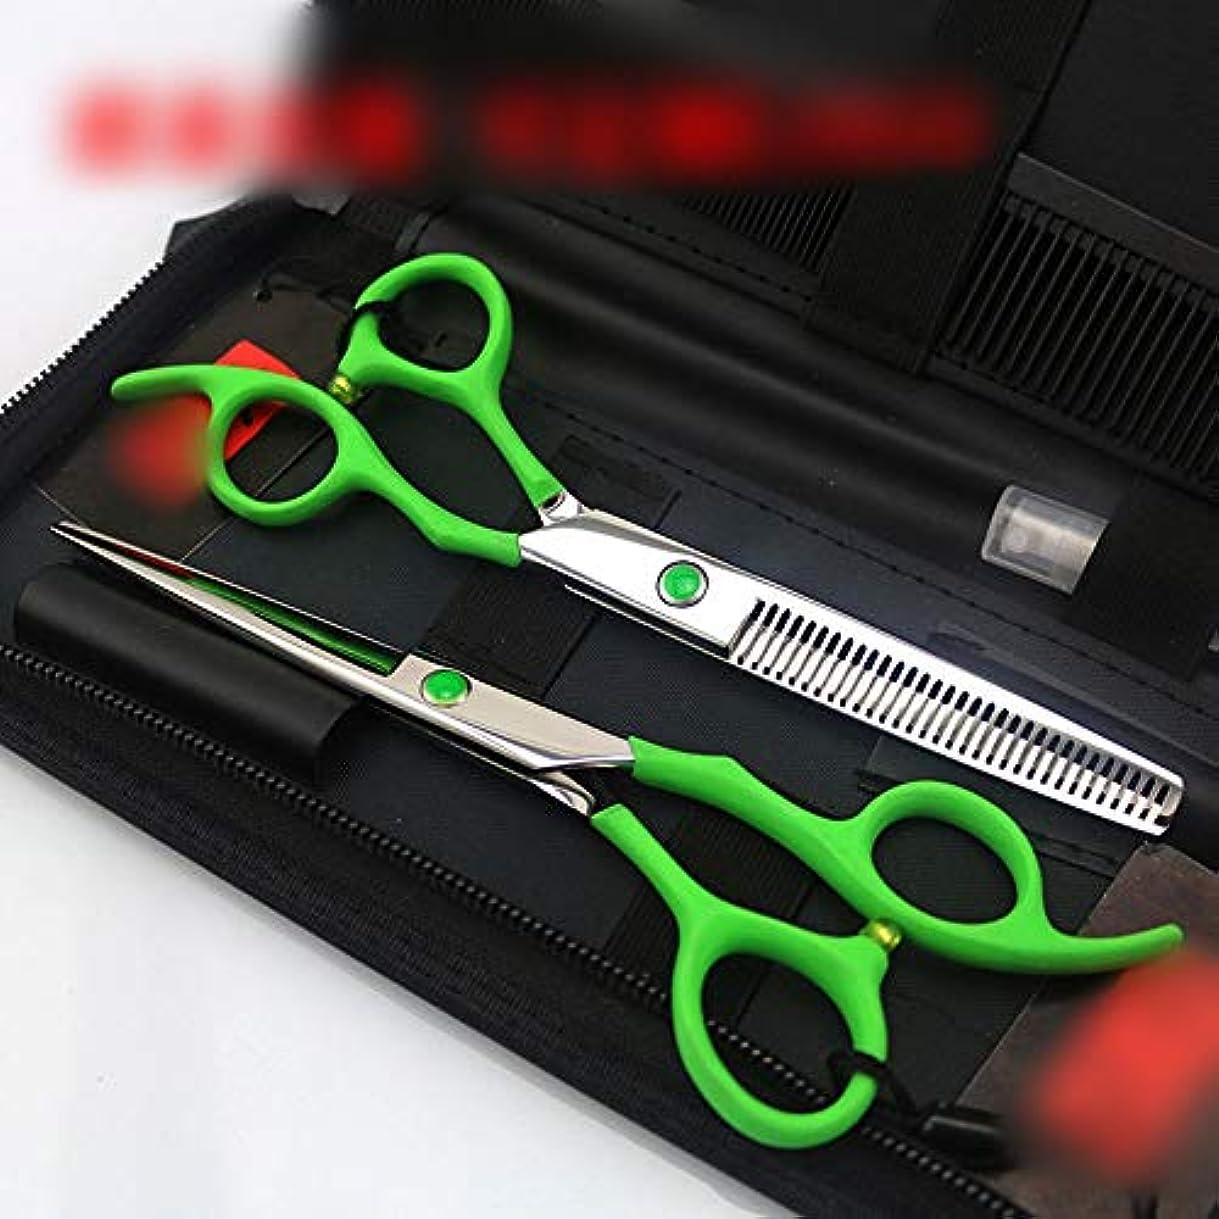 組立中央値サージGoodsok-jp 6.0インチの緑の専門の理髪はさみセット、平らな歯のはさみ理髪ツールセット (色 : オレンジ)